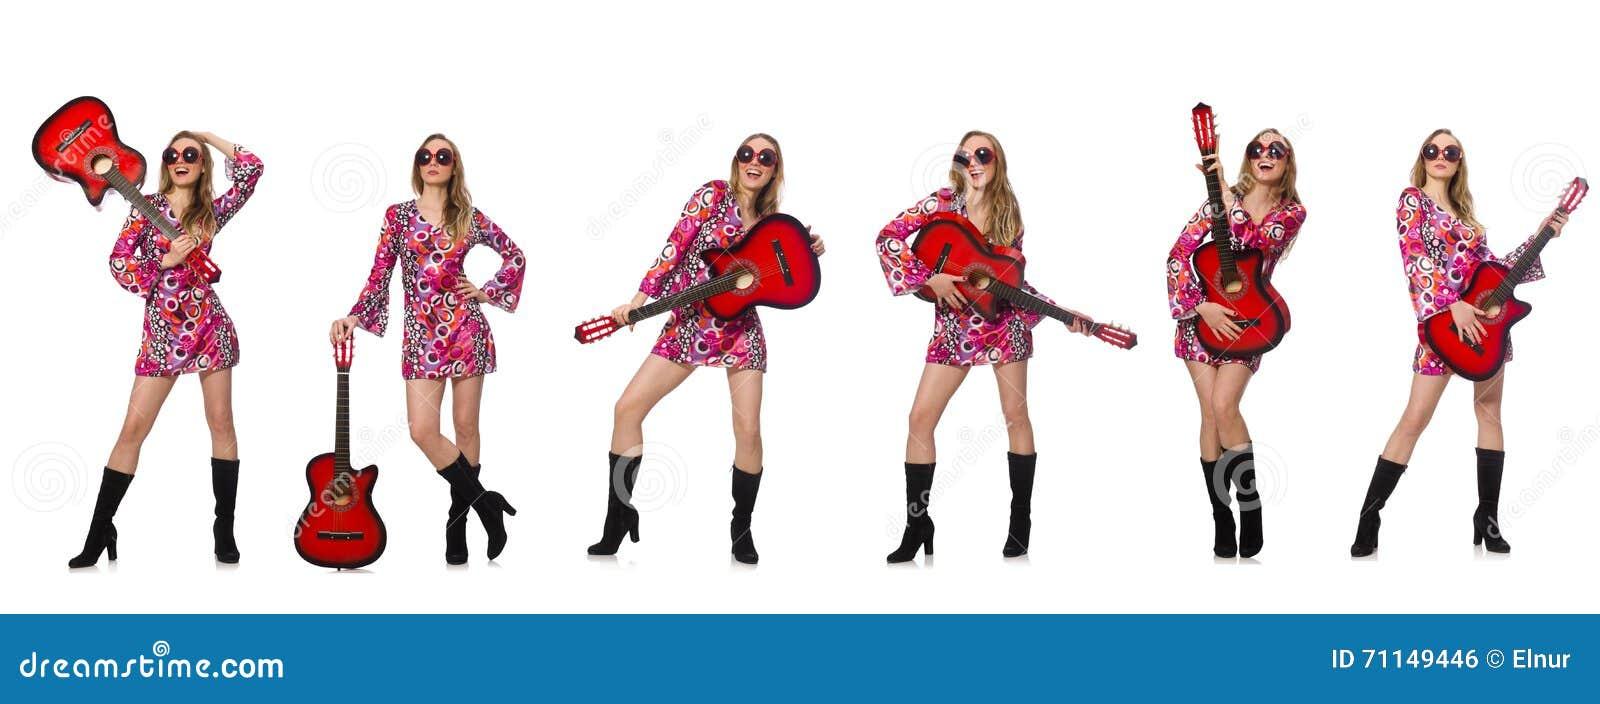 Der Frauengitarrist